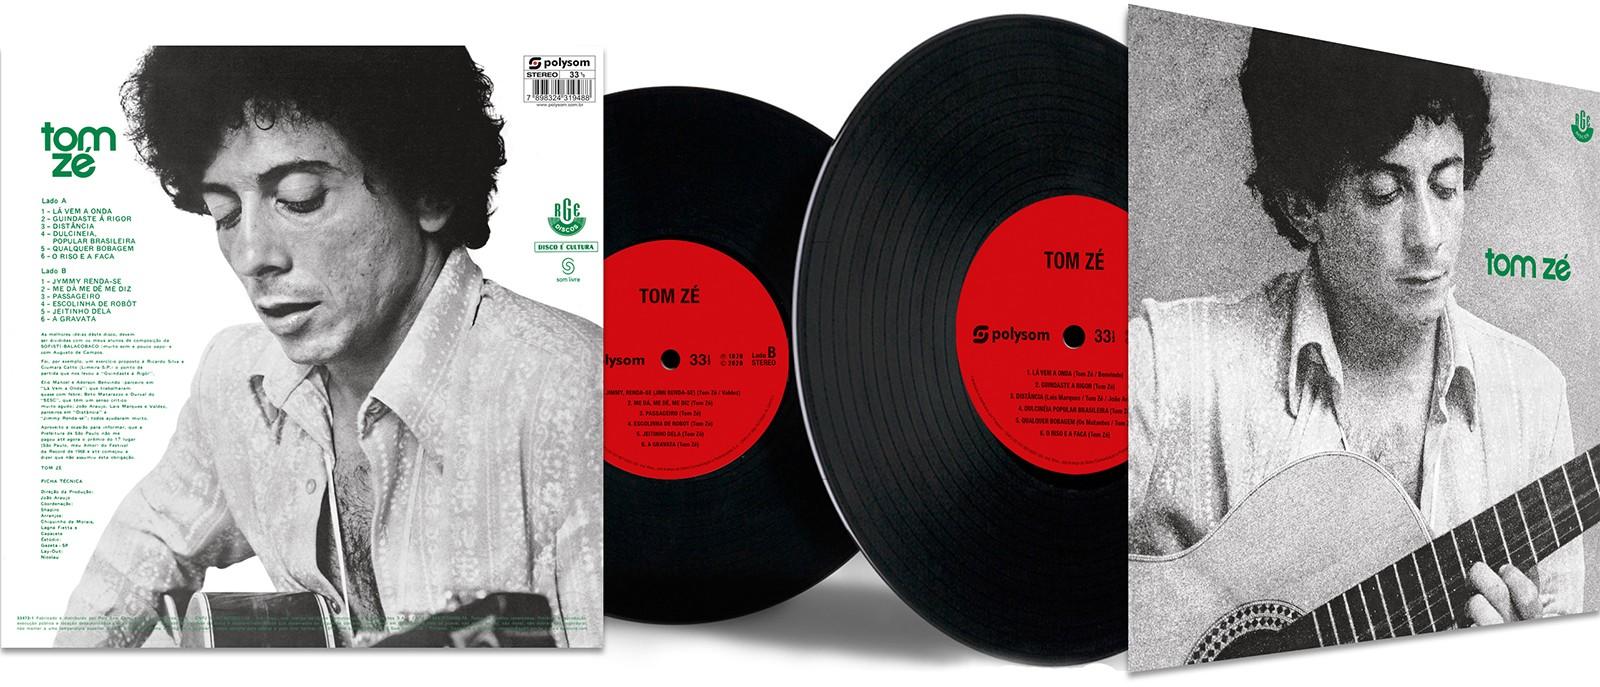 Segundo álbum de Tom Zé é reeditado no formato de LP